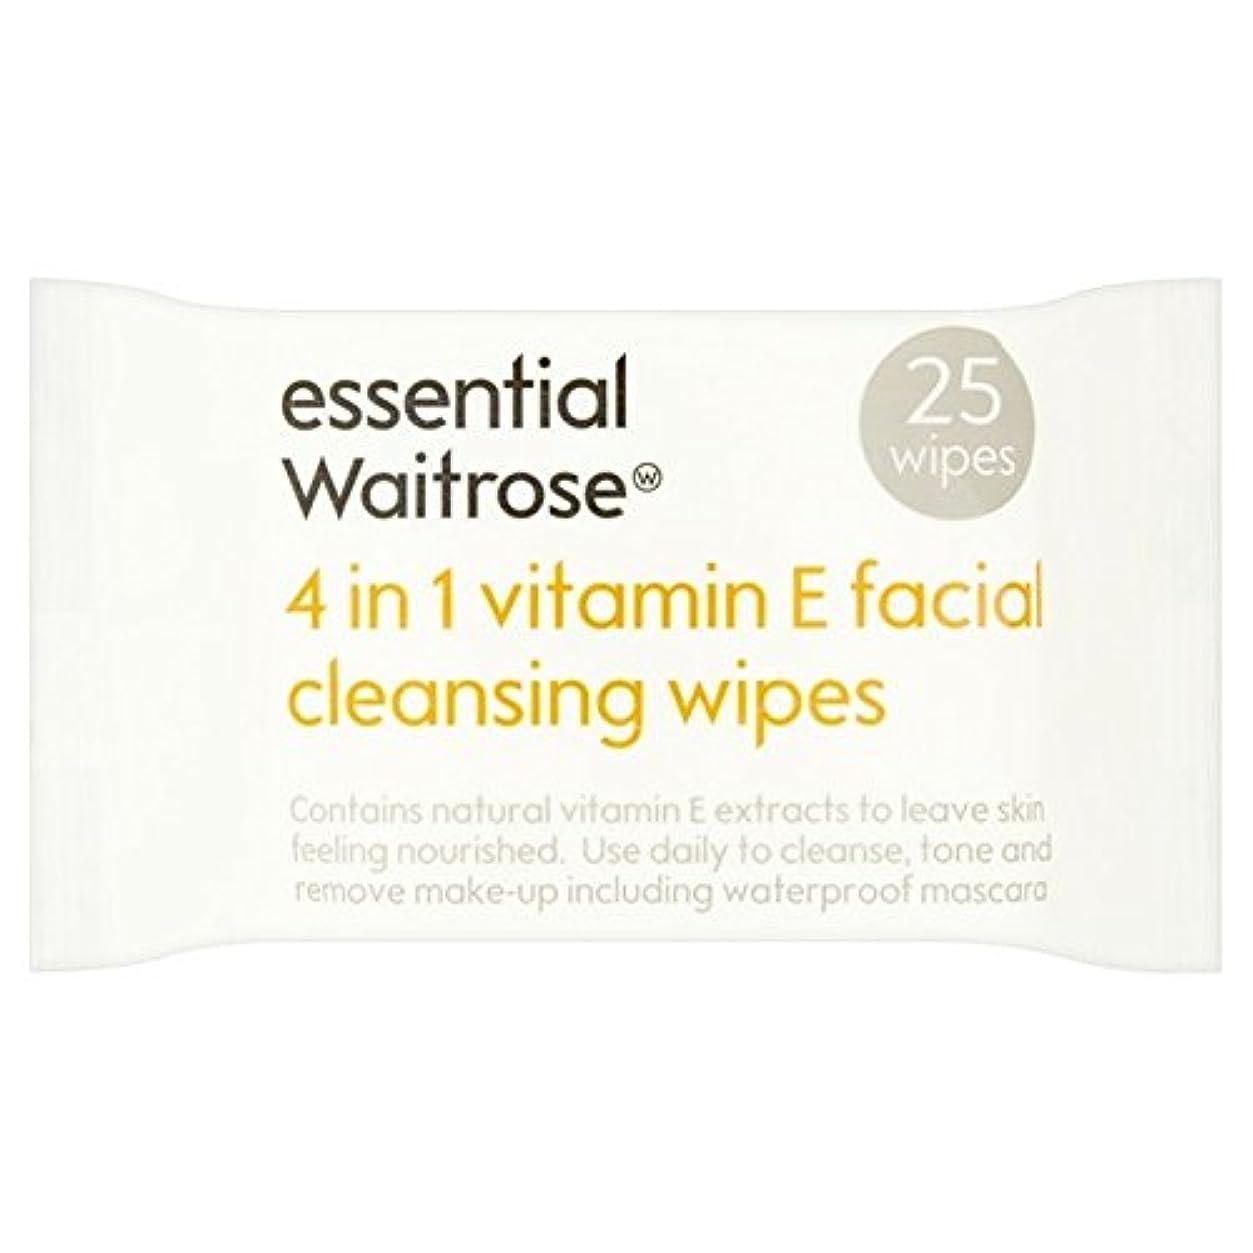 雪だるまを作る間違い安全1つのクレンジングで4不可欠パックあたりのビタミンウェイトローズ25ワイプ x2 - Essential 4 in 1 Cleansing Wipes Vitamin E Waitrose 25 per pack (Pack...